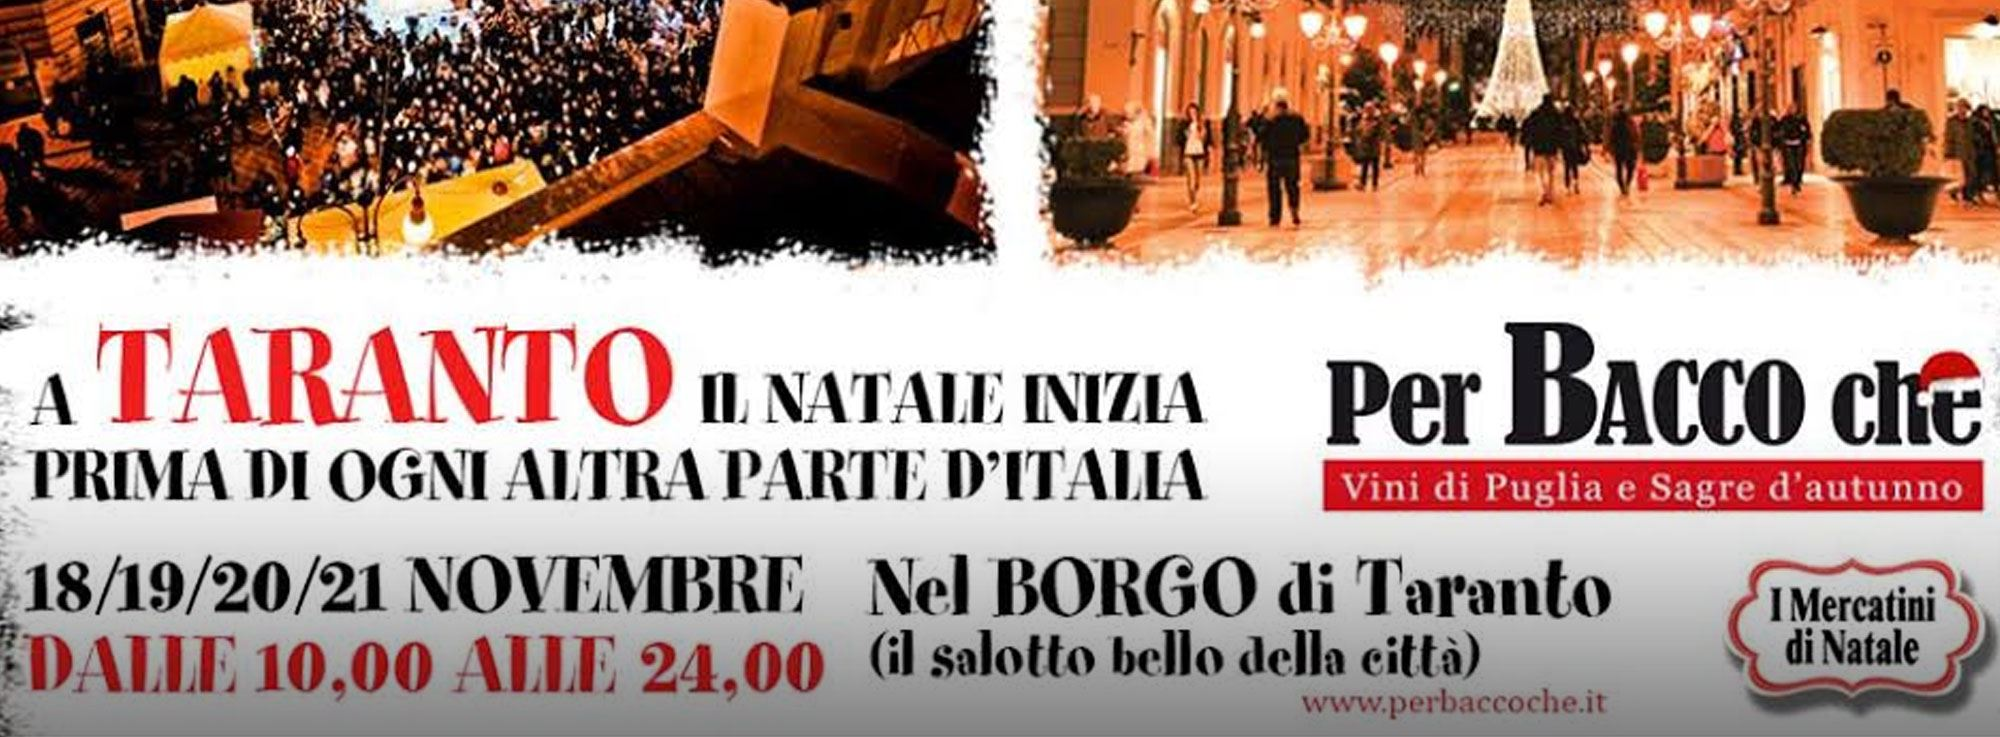 Taranto: Perbacco che…